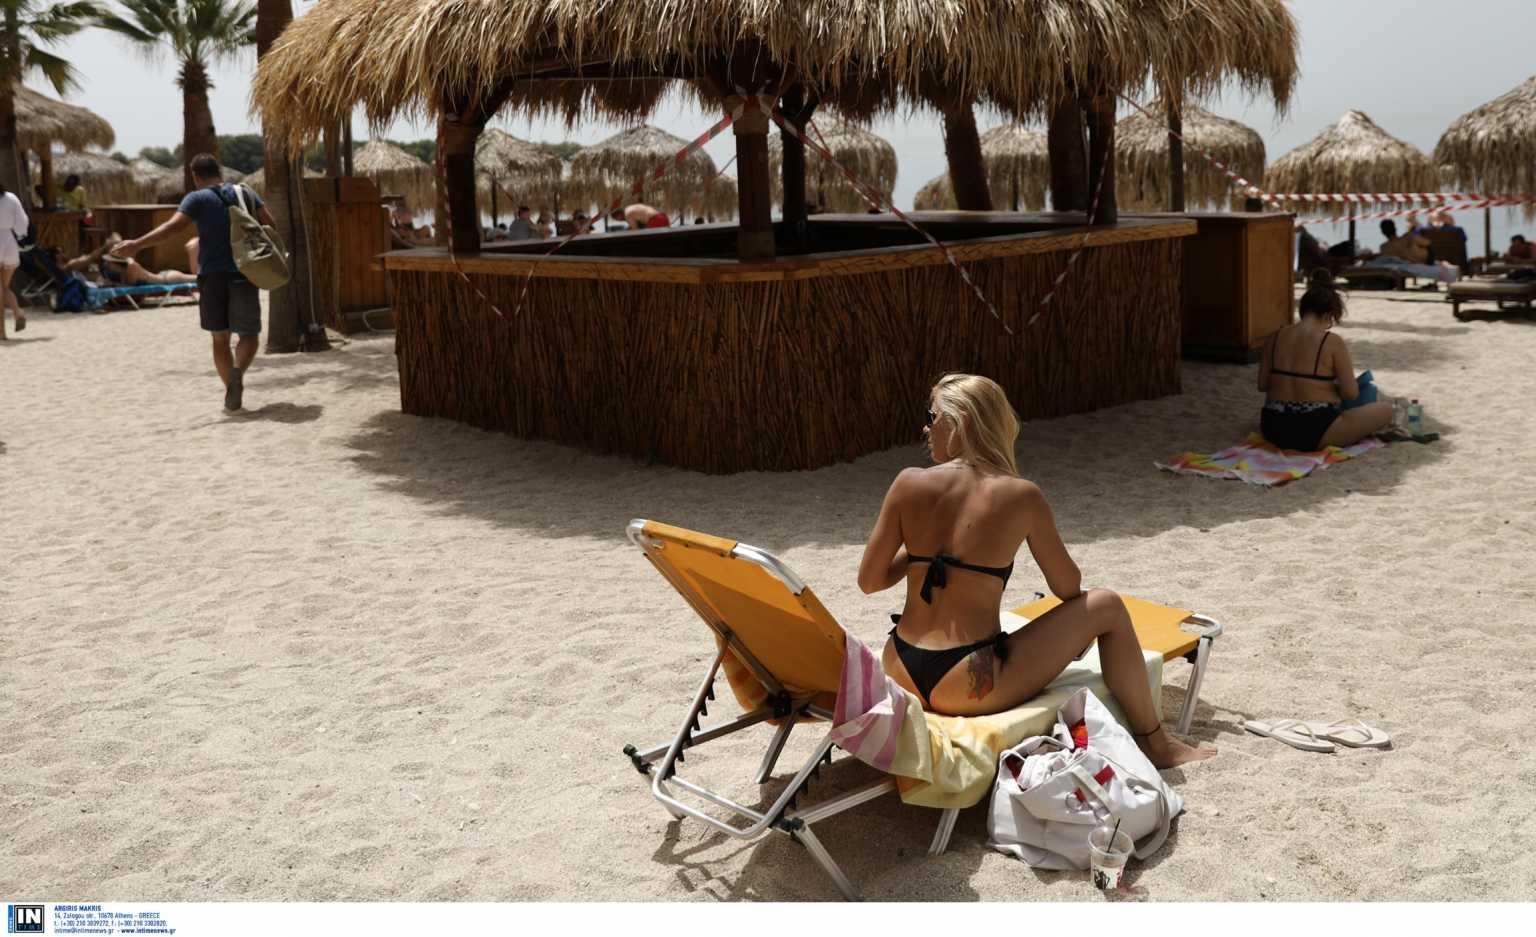 Μητσοτάκης: Ως 400.000 ευρώ ανά ΑΦΜ η επιδότηση στις τουριστικές επιχειρήσεις